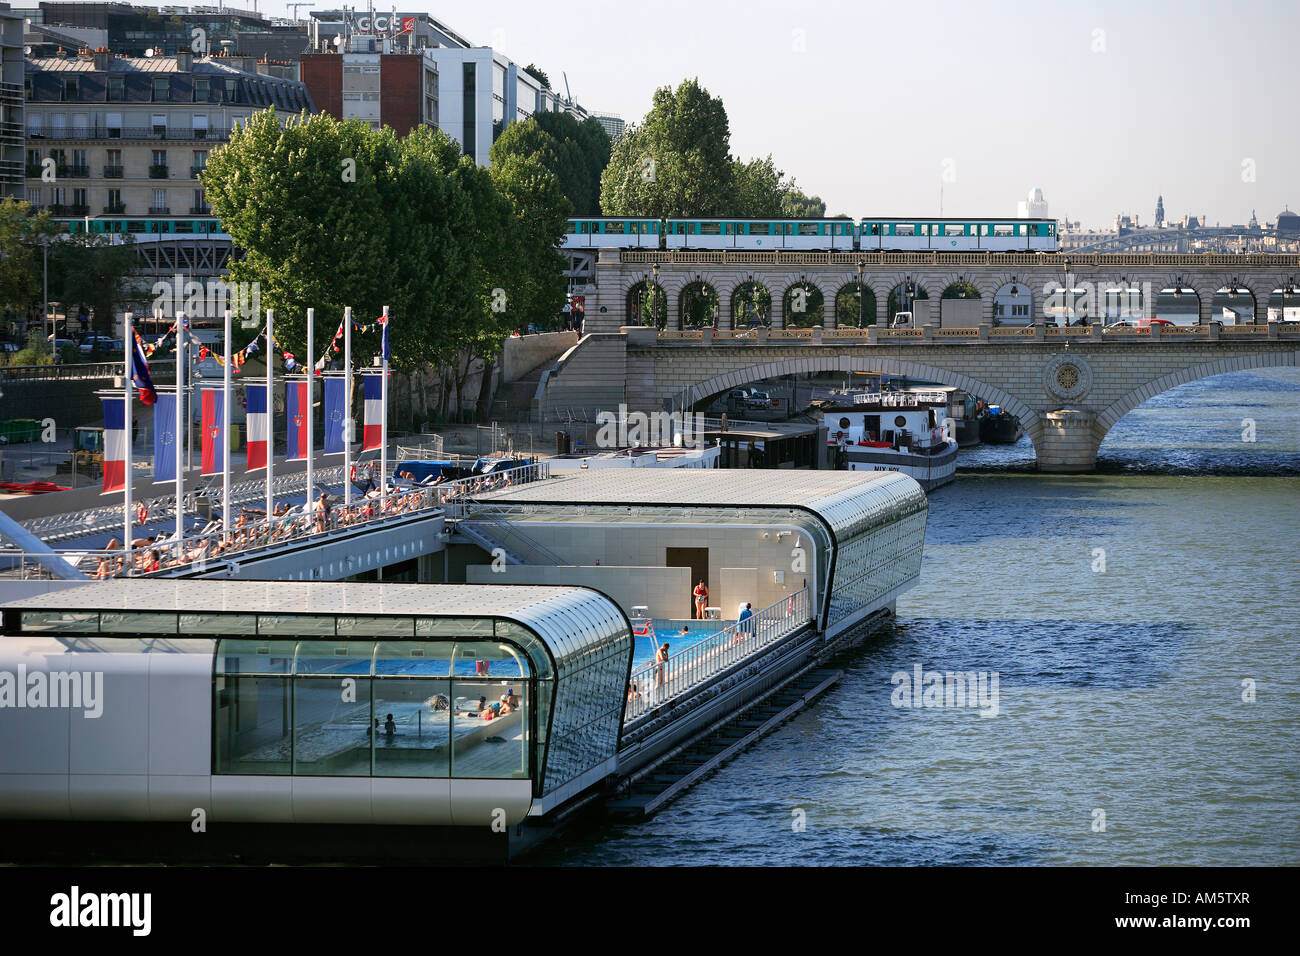 Superbe Frankreich, Paris, Josephine Baker Schwimmbad Gegenüber Der Nationalen  Bibliothek Von Frankreich Francois Mitterrand